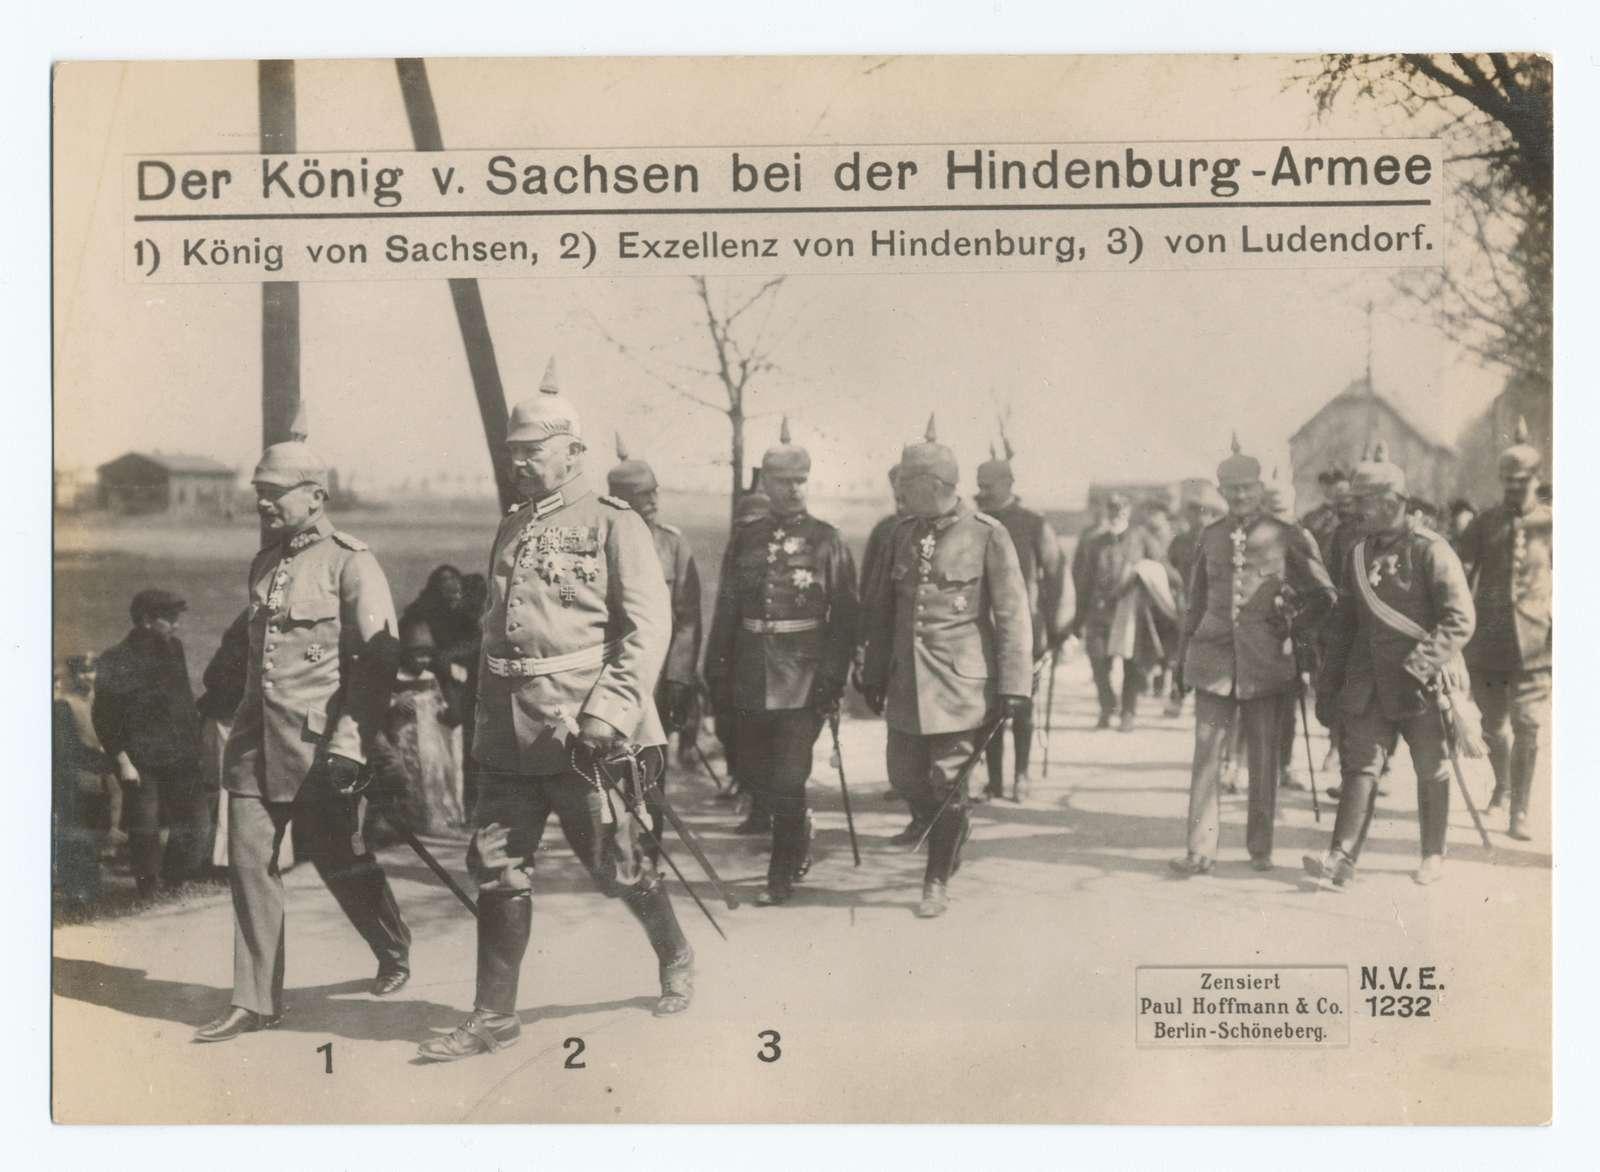 Der König v. Sachsen bei der Hindenburg-Armee : König von Sachsen, Exzellenz von Hindenburg, von Ludendorf.